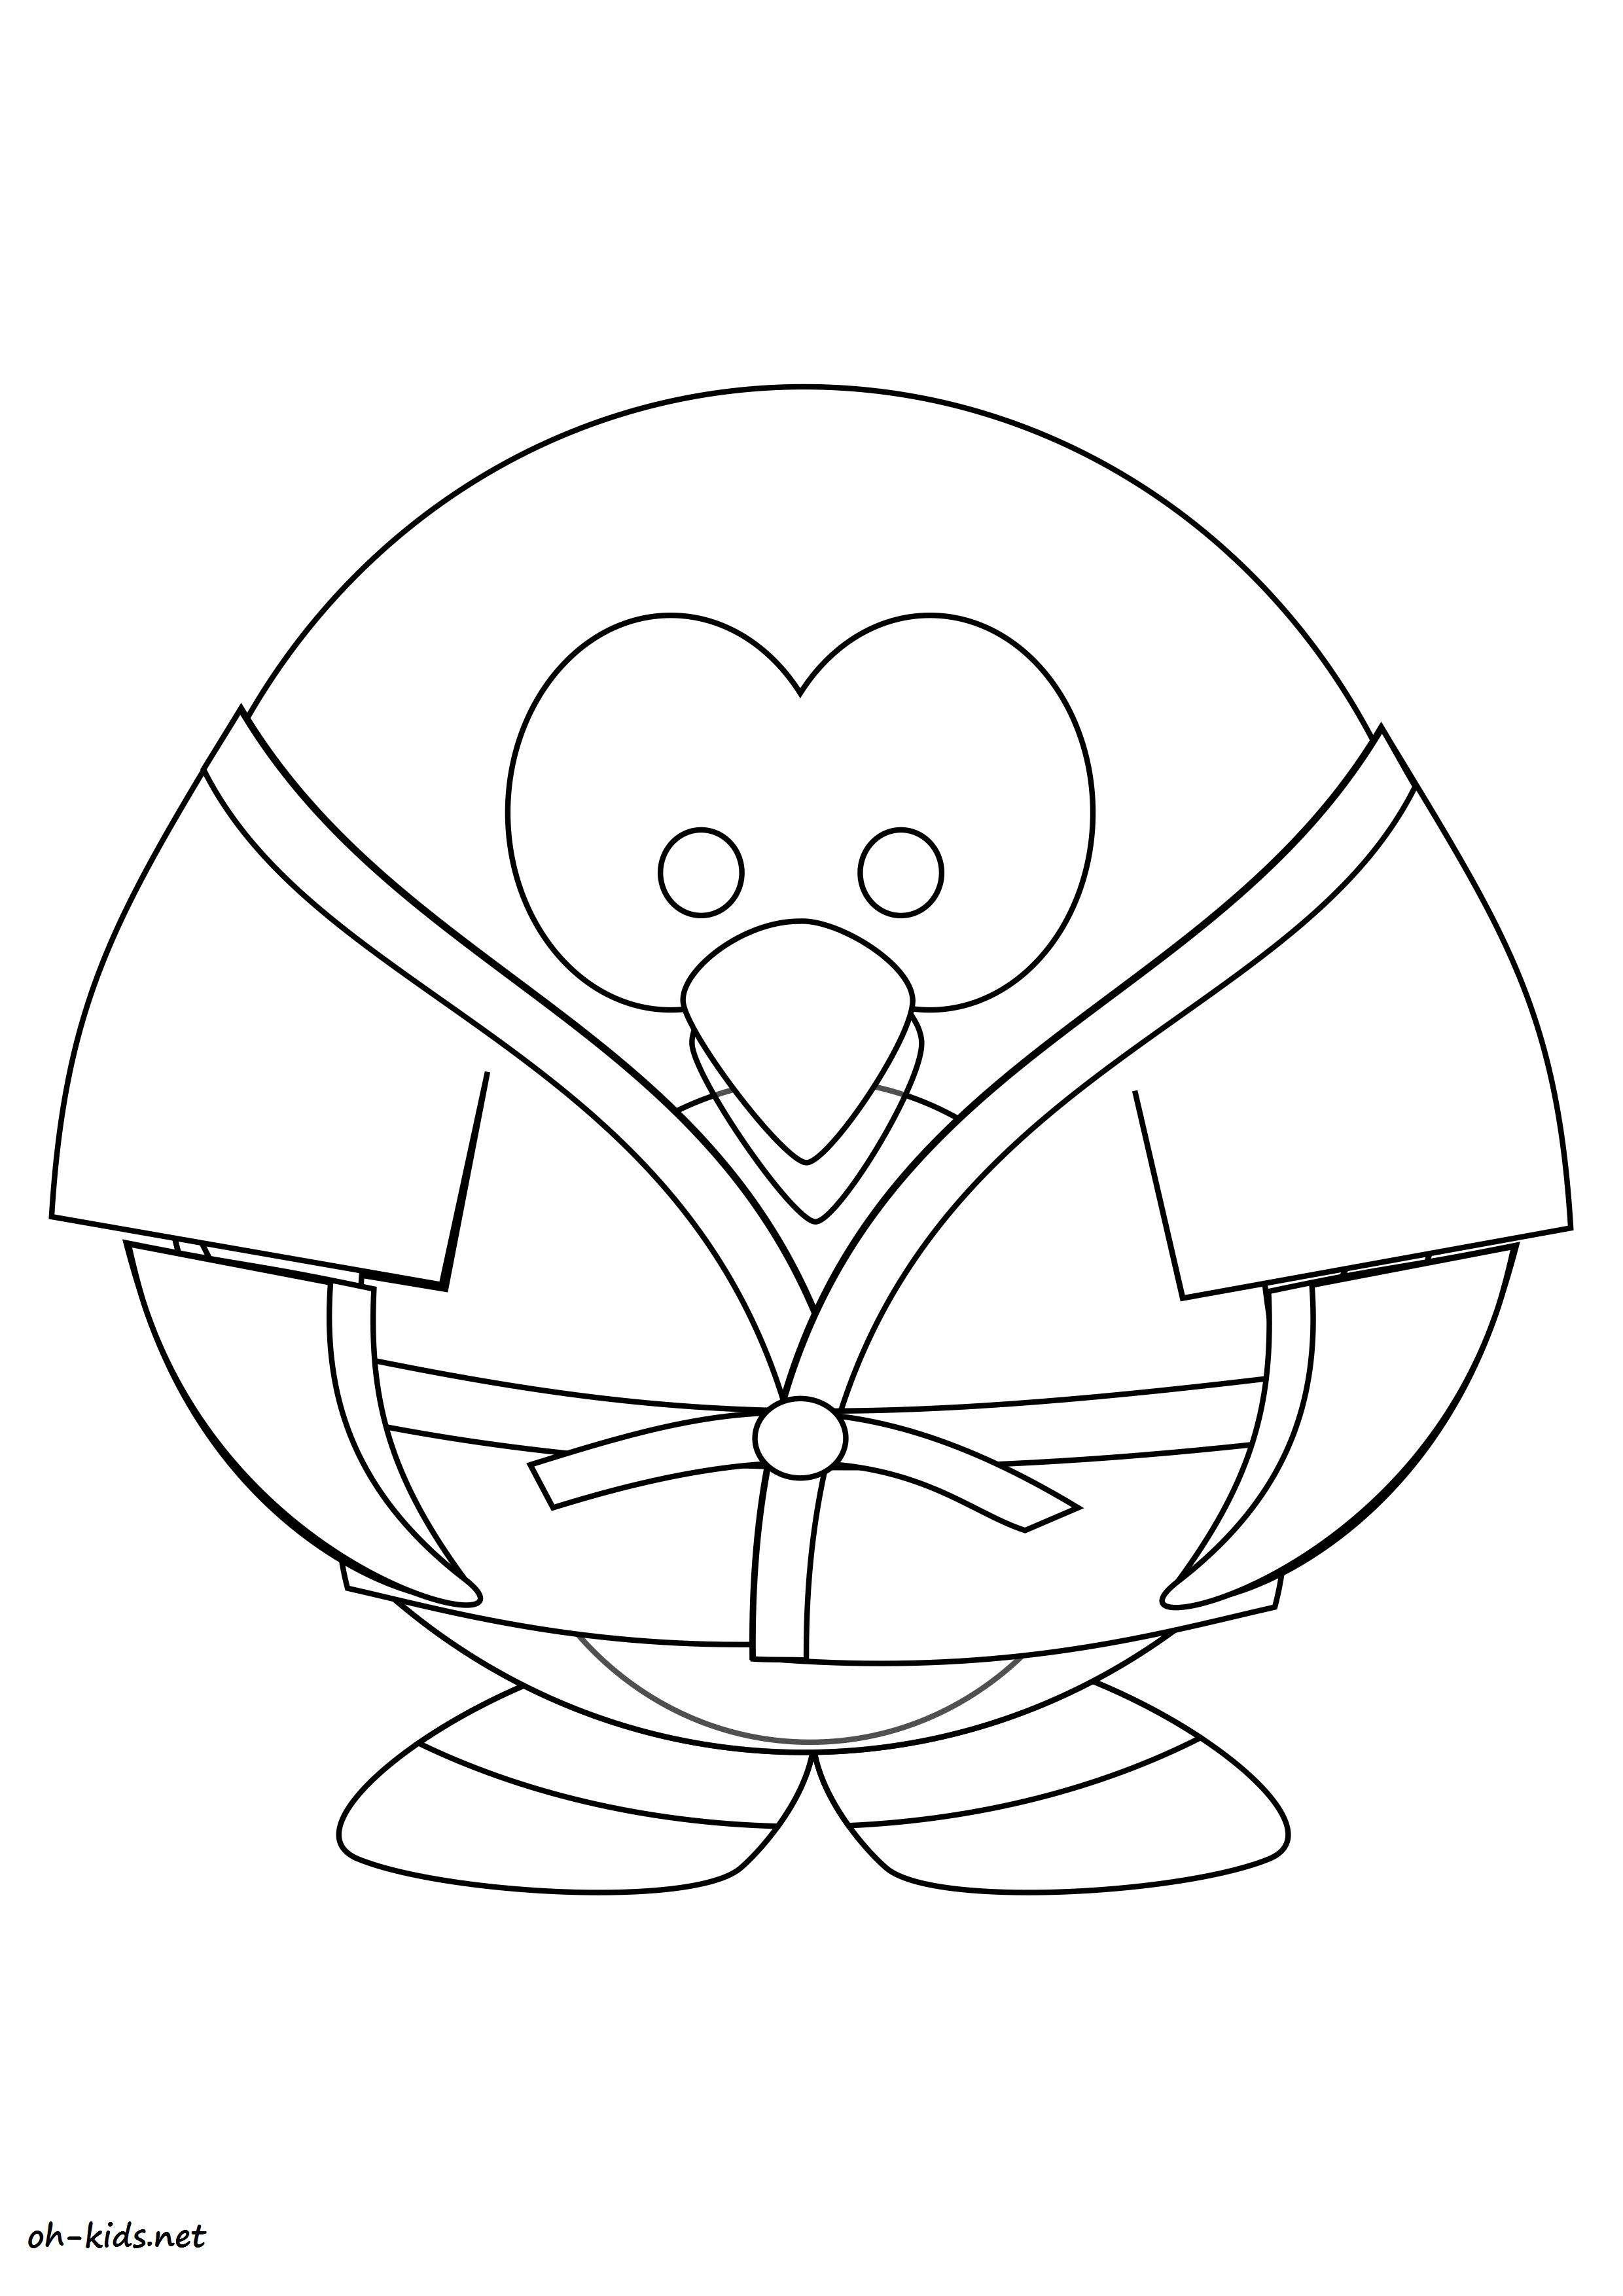 Une Jolie image de judo a colorier - Dessin #1382